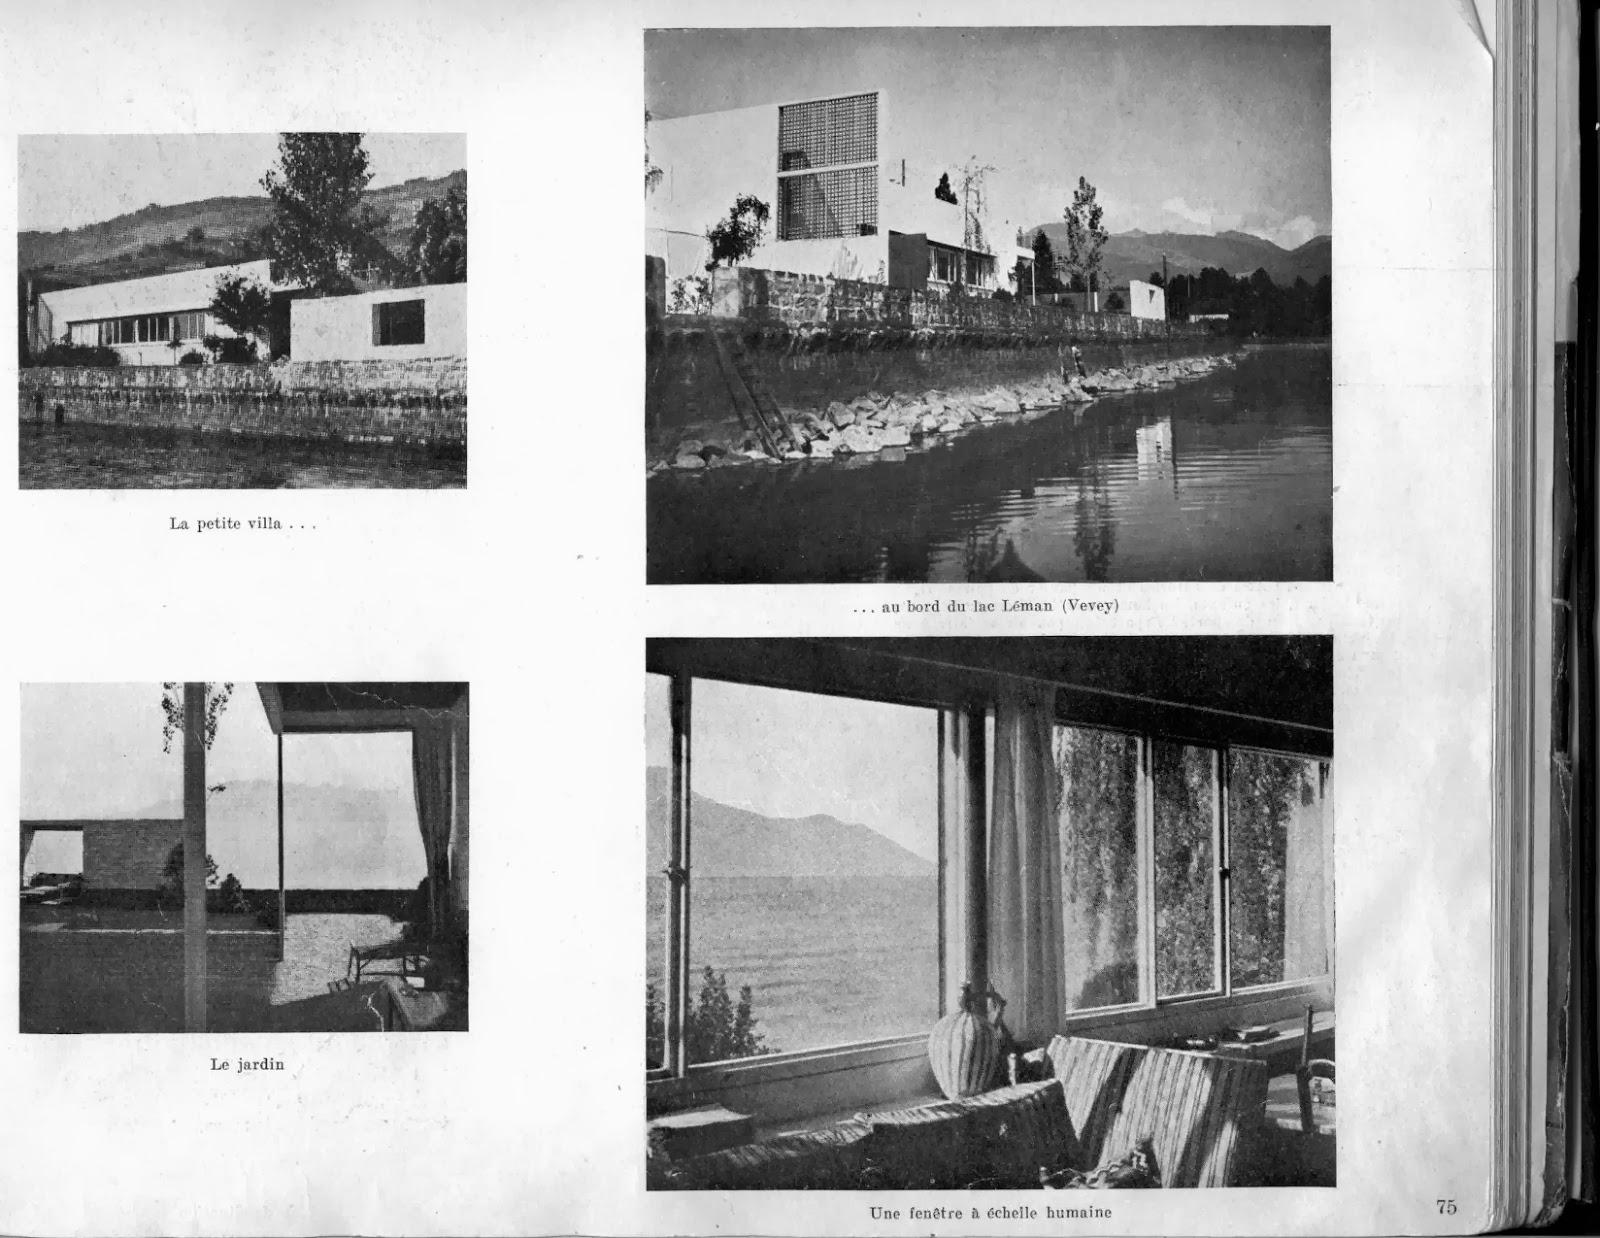 Historia de la arquitectura moderna villa le lac - Casas de le corbusier ...